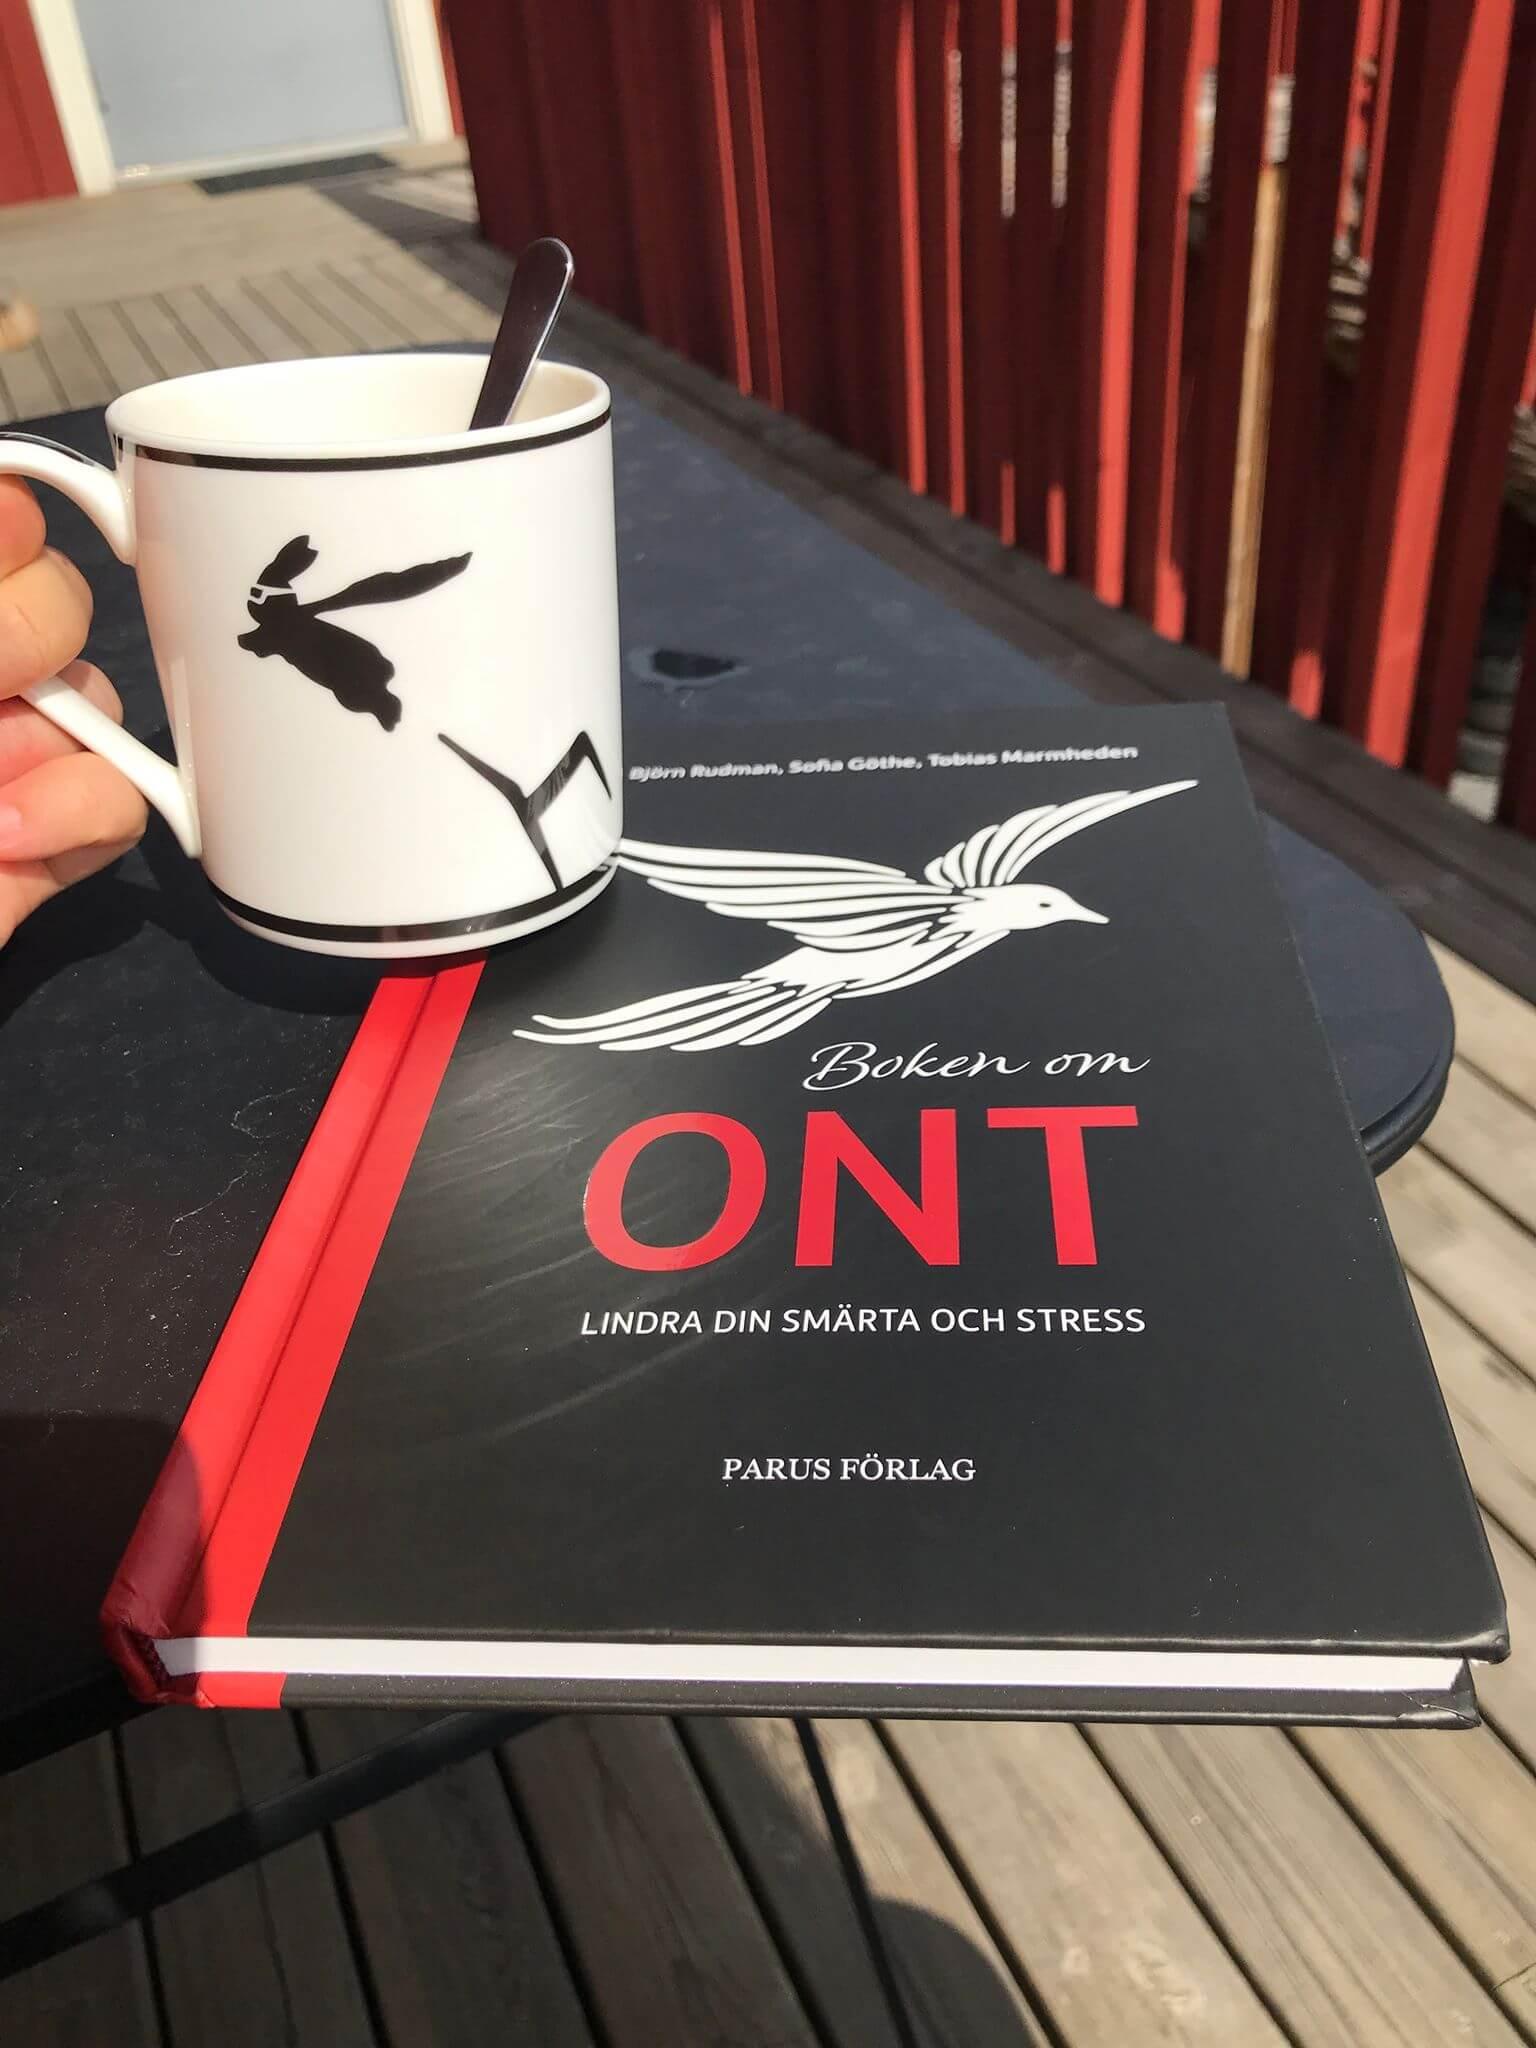 Dricker kaffe och läser Boken om Ont